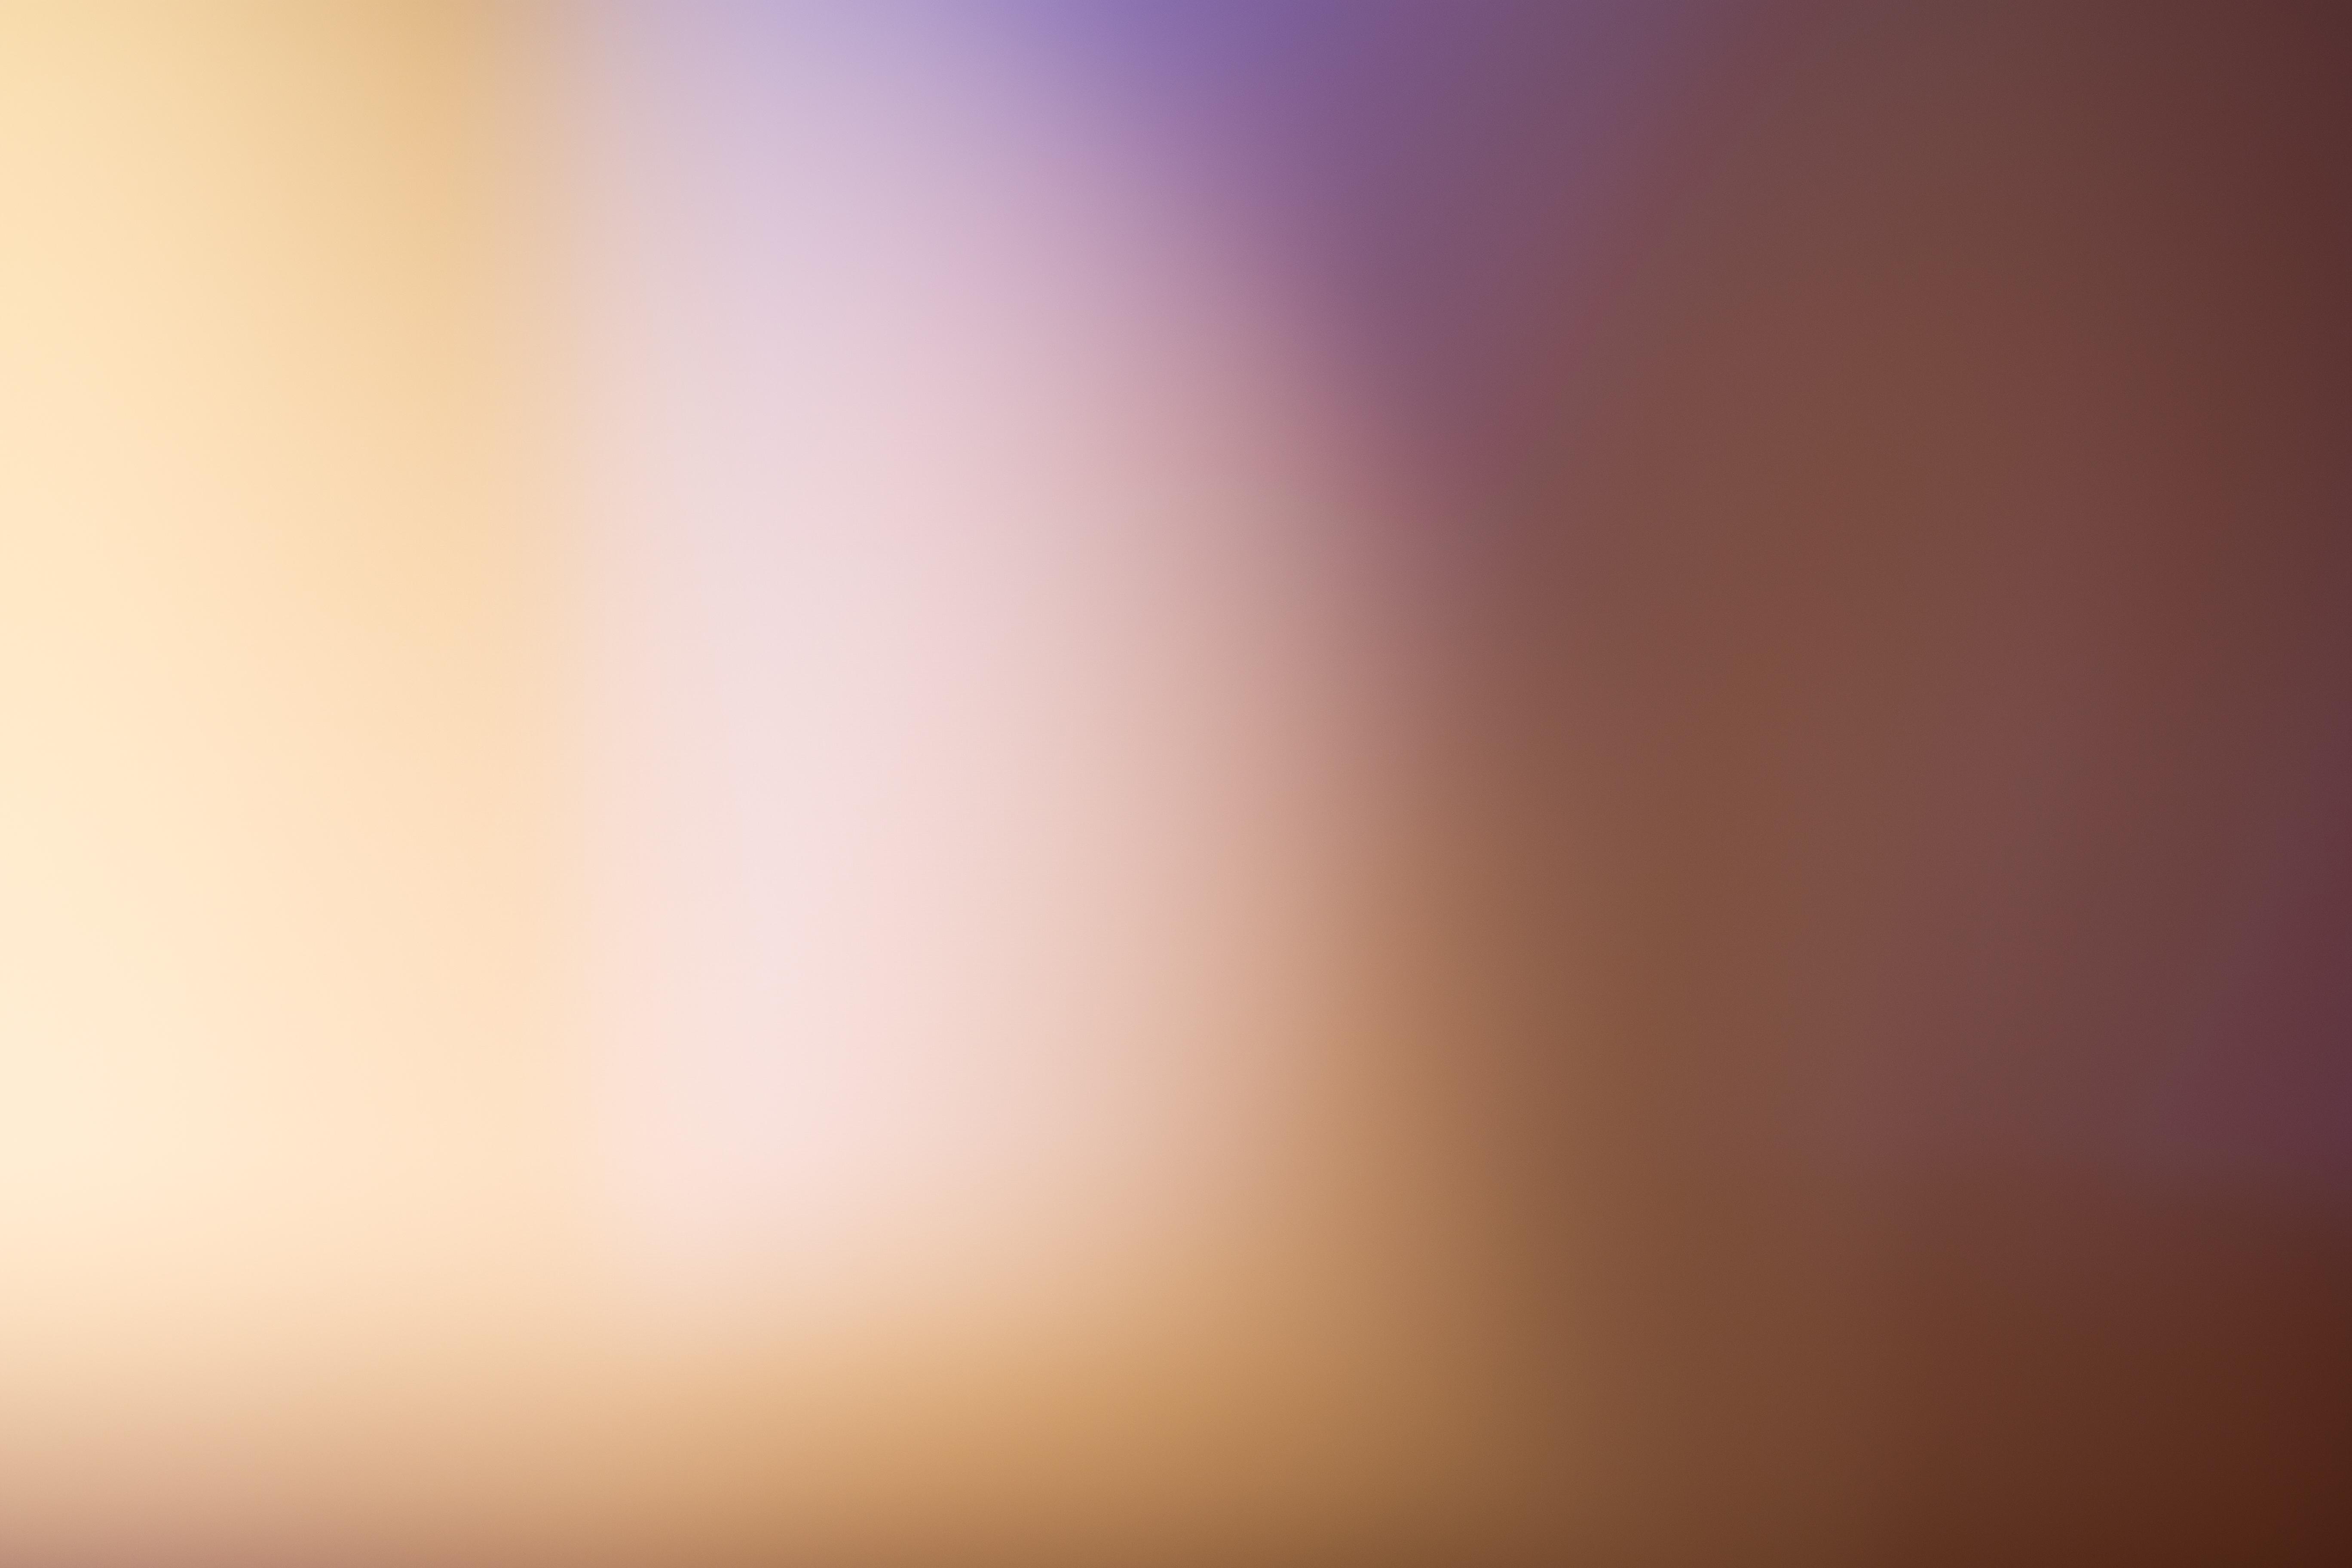 4k wallpaper background blur blurred background